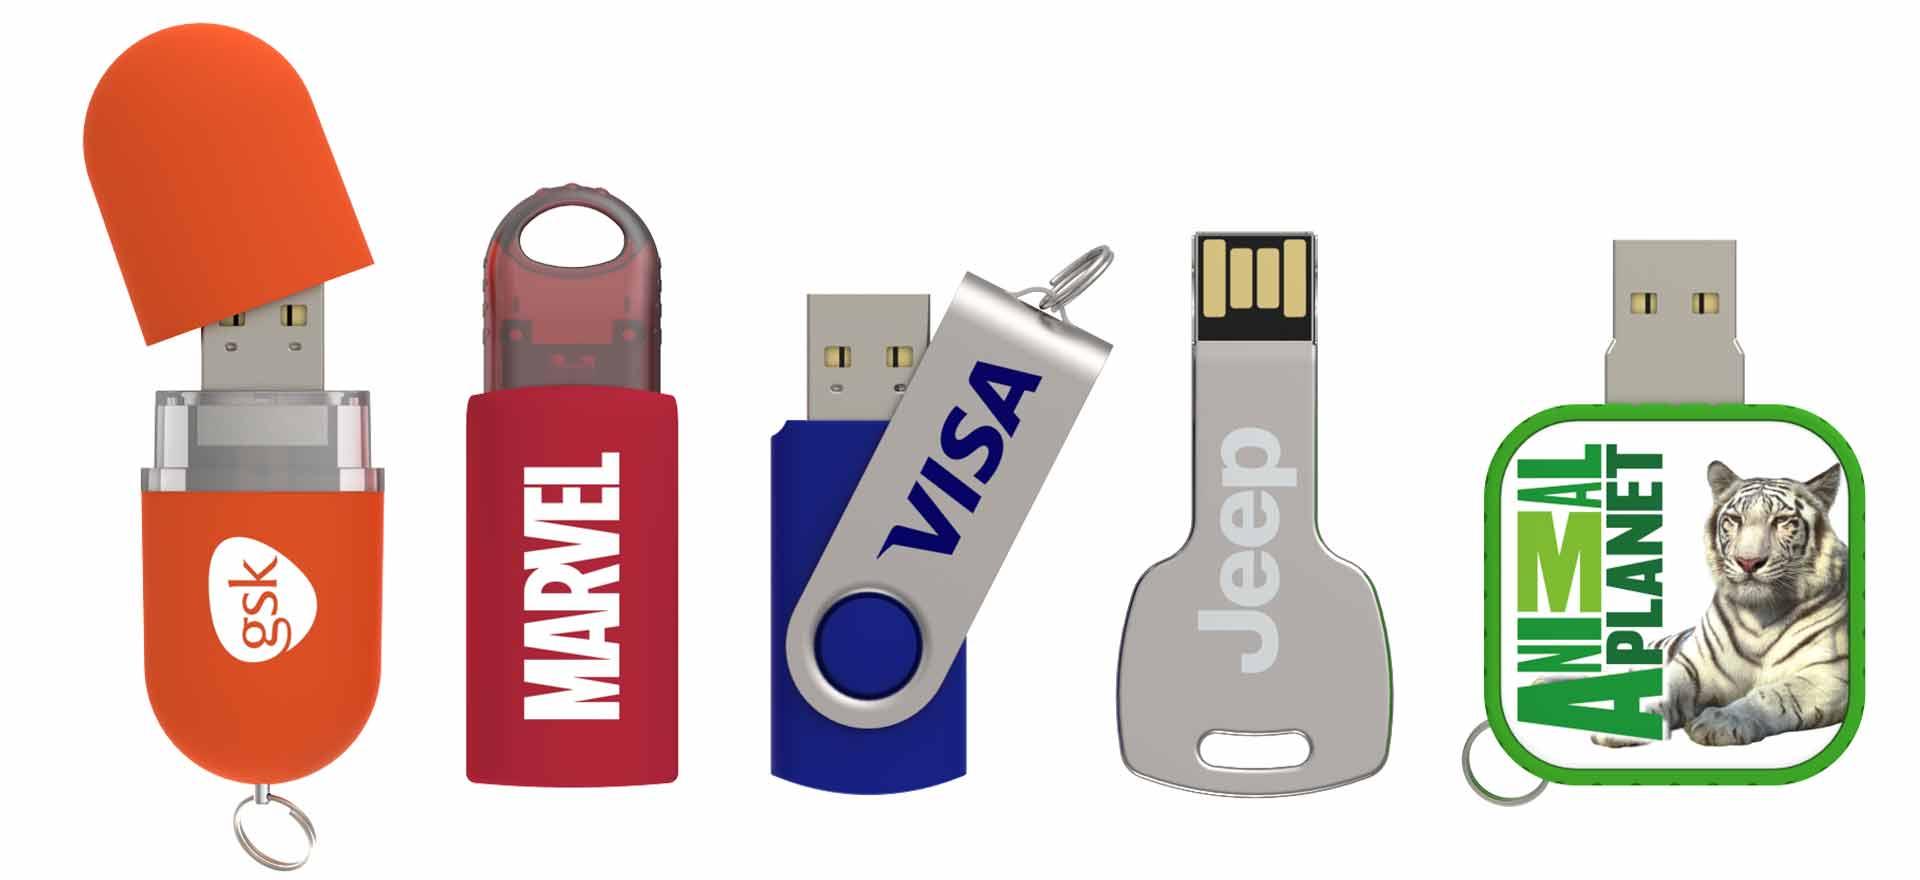 ¡Memorias USB en 5 días!